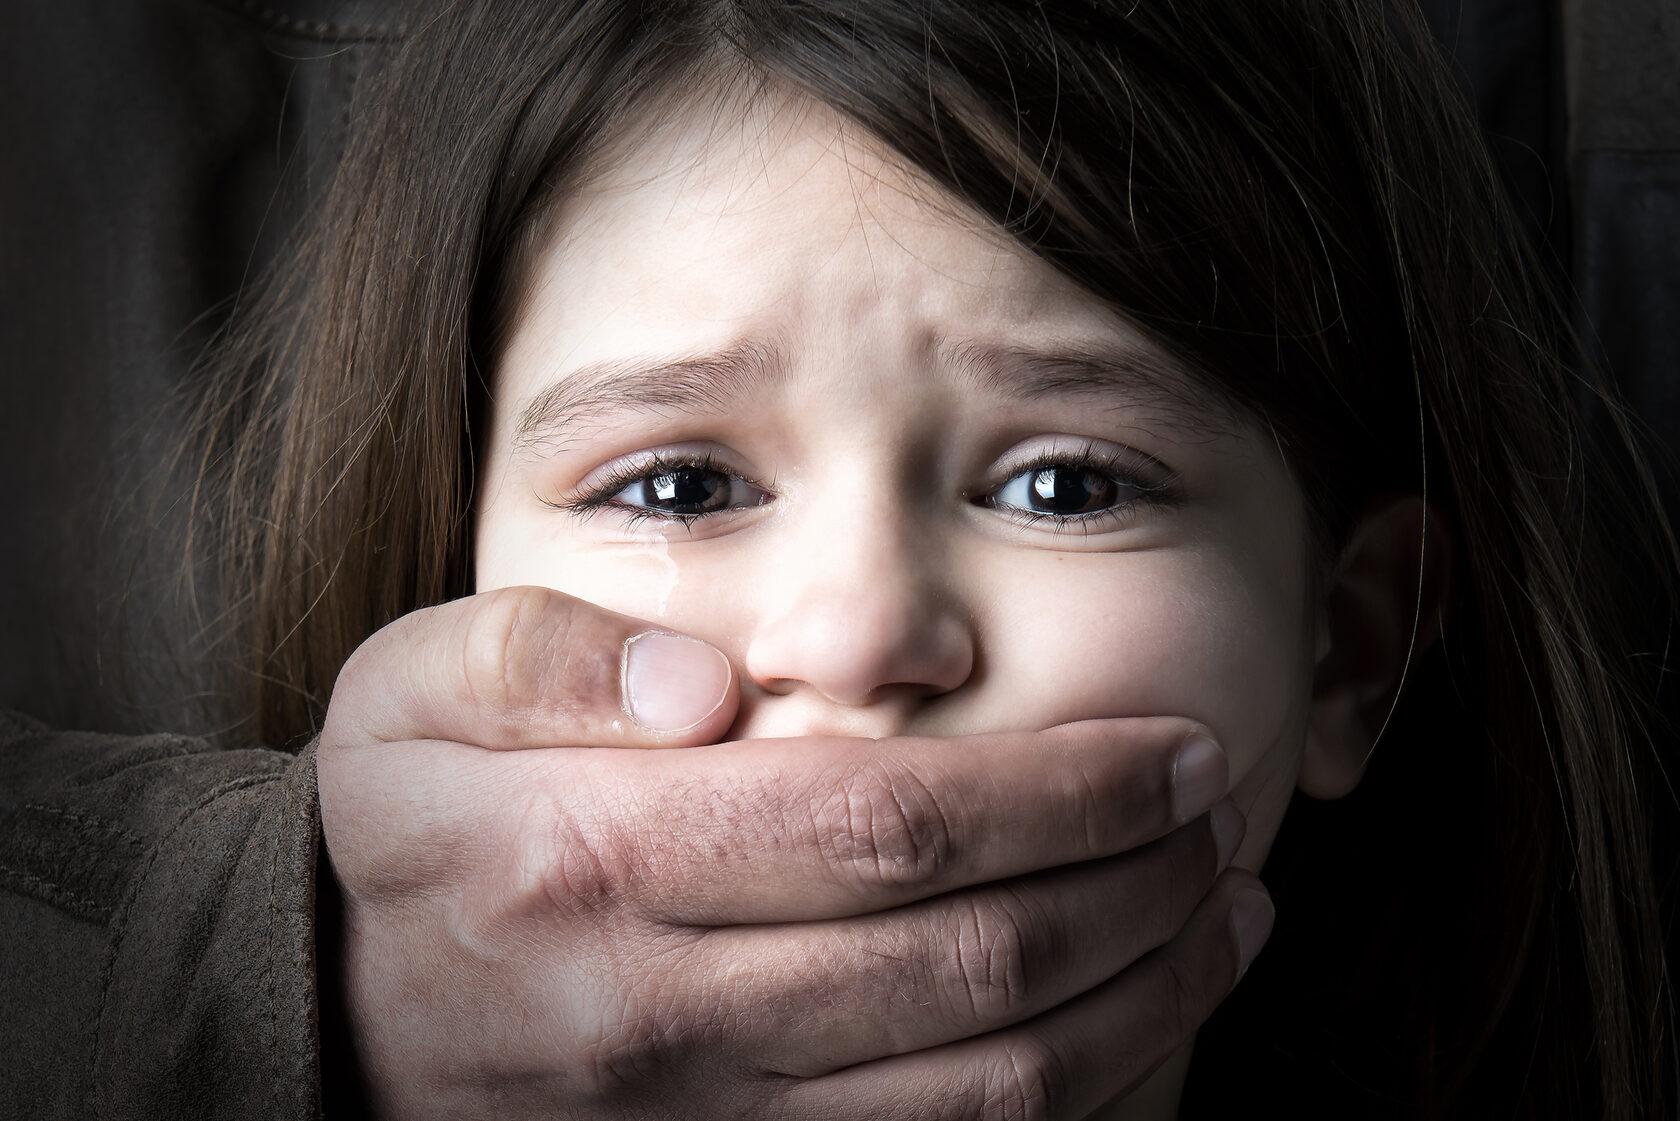 Президент подписал закон об уголовной ответственности за сексуальное домогательство детей